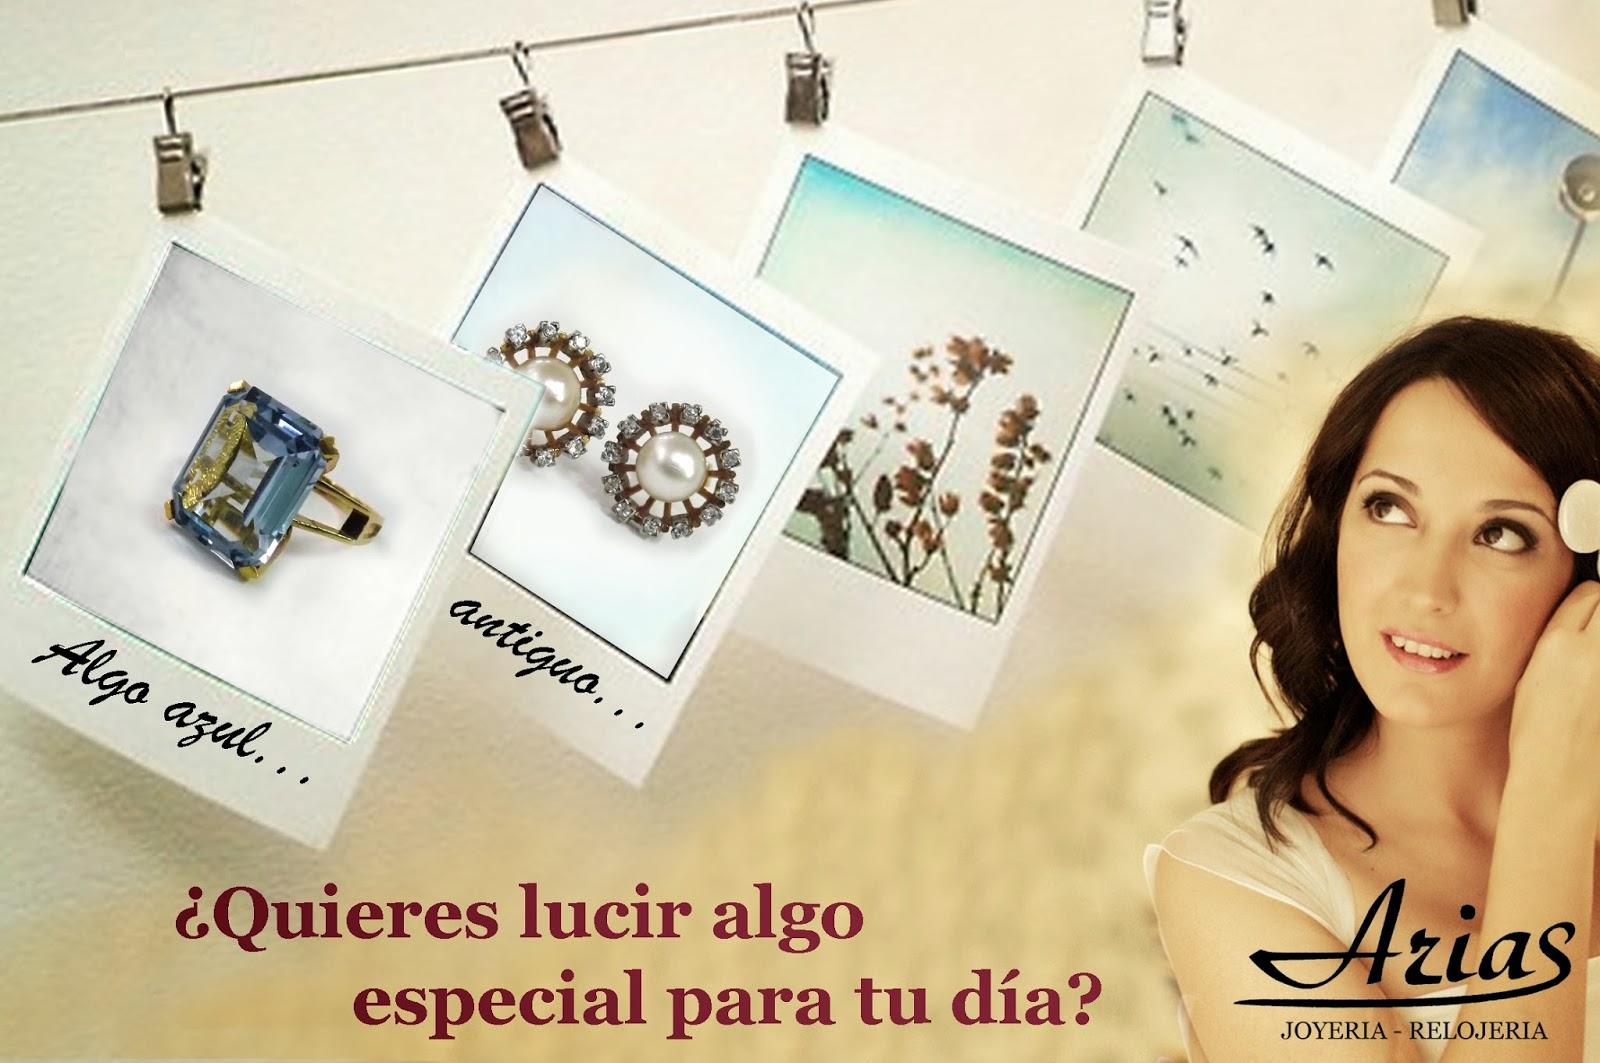 Joyería Arias: alma vintage en tu boda